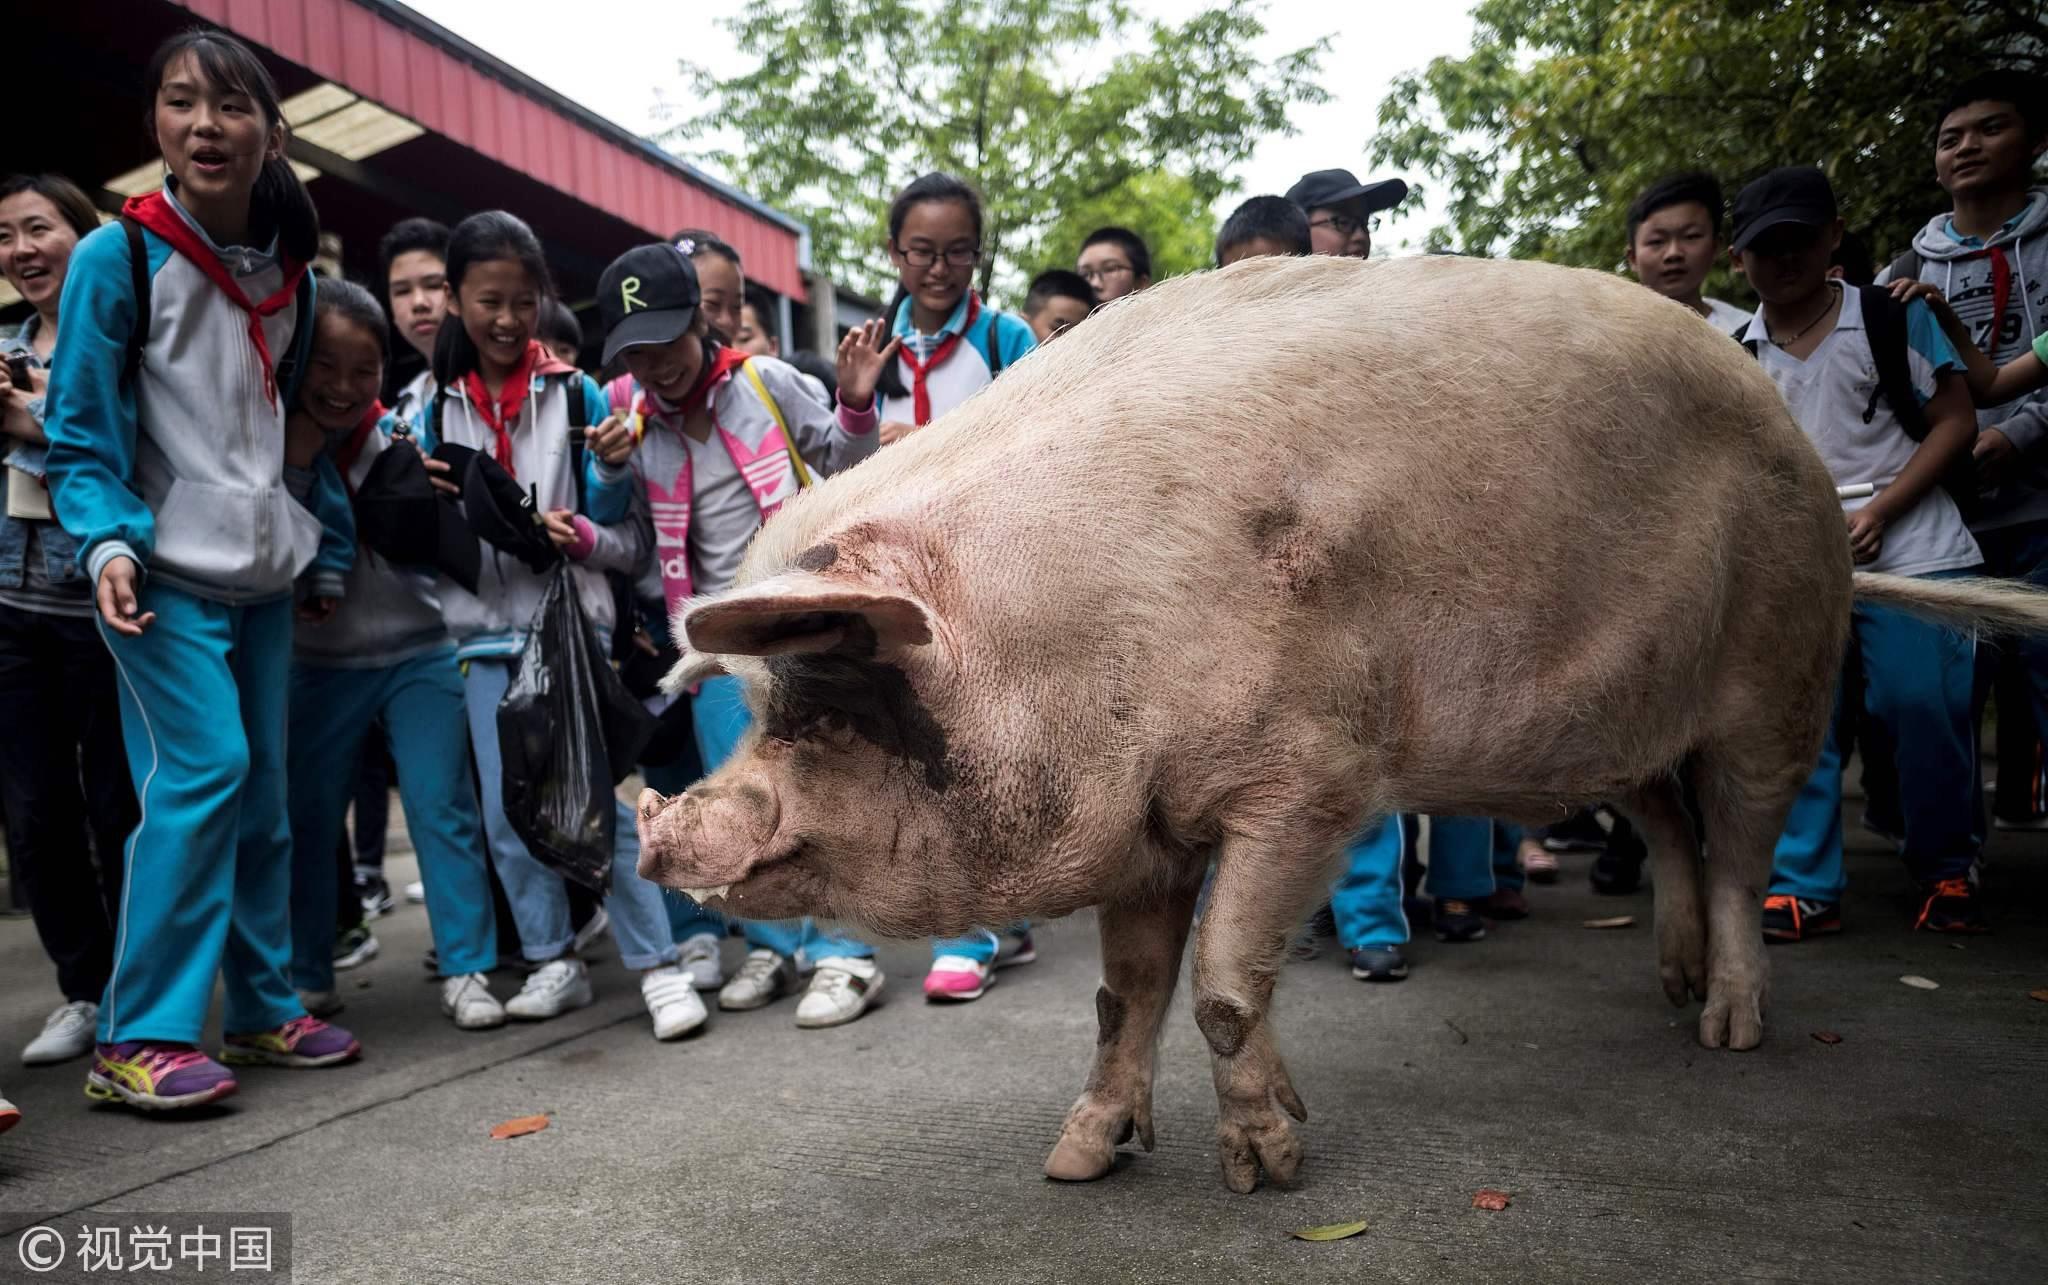 Chuyện xúc động về chú lợn nổi tiếng nhất Trung Quốc - Ảnh 1.